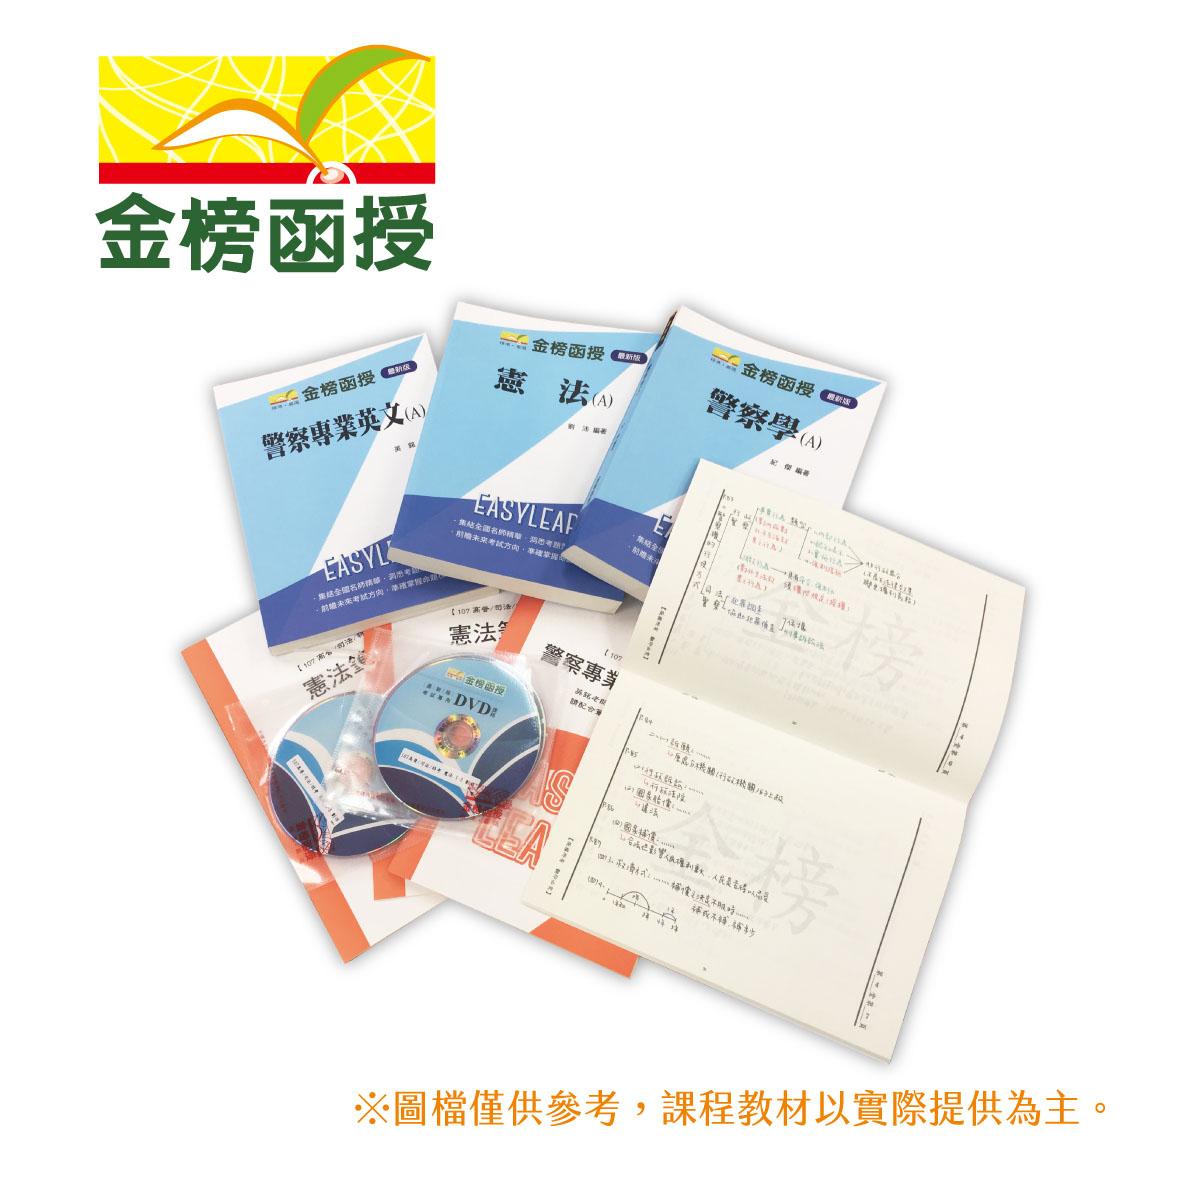 108金榜函授/高考三级/年度课程/全套/法律廉政/云端/专业科目